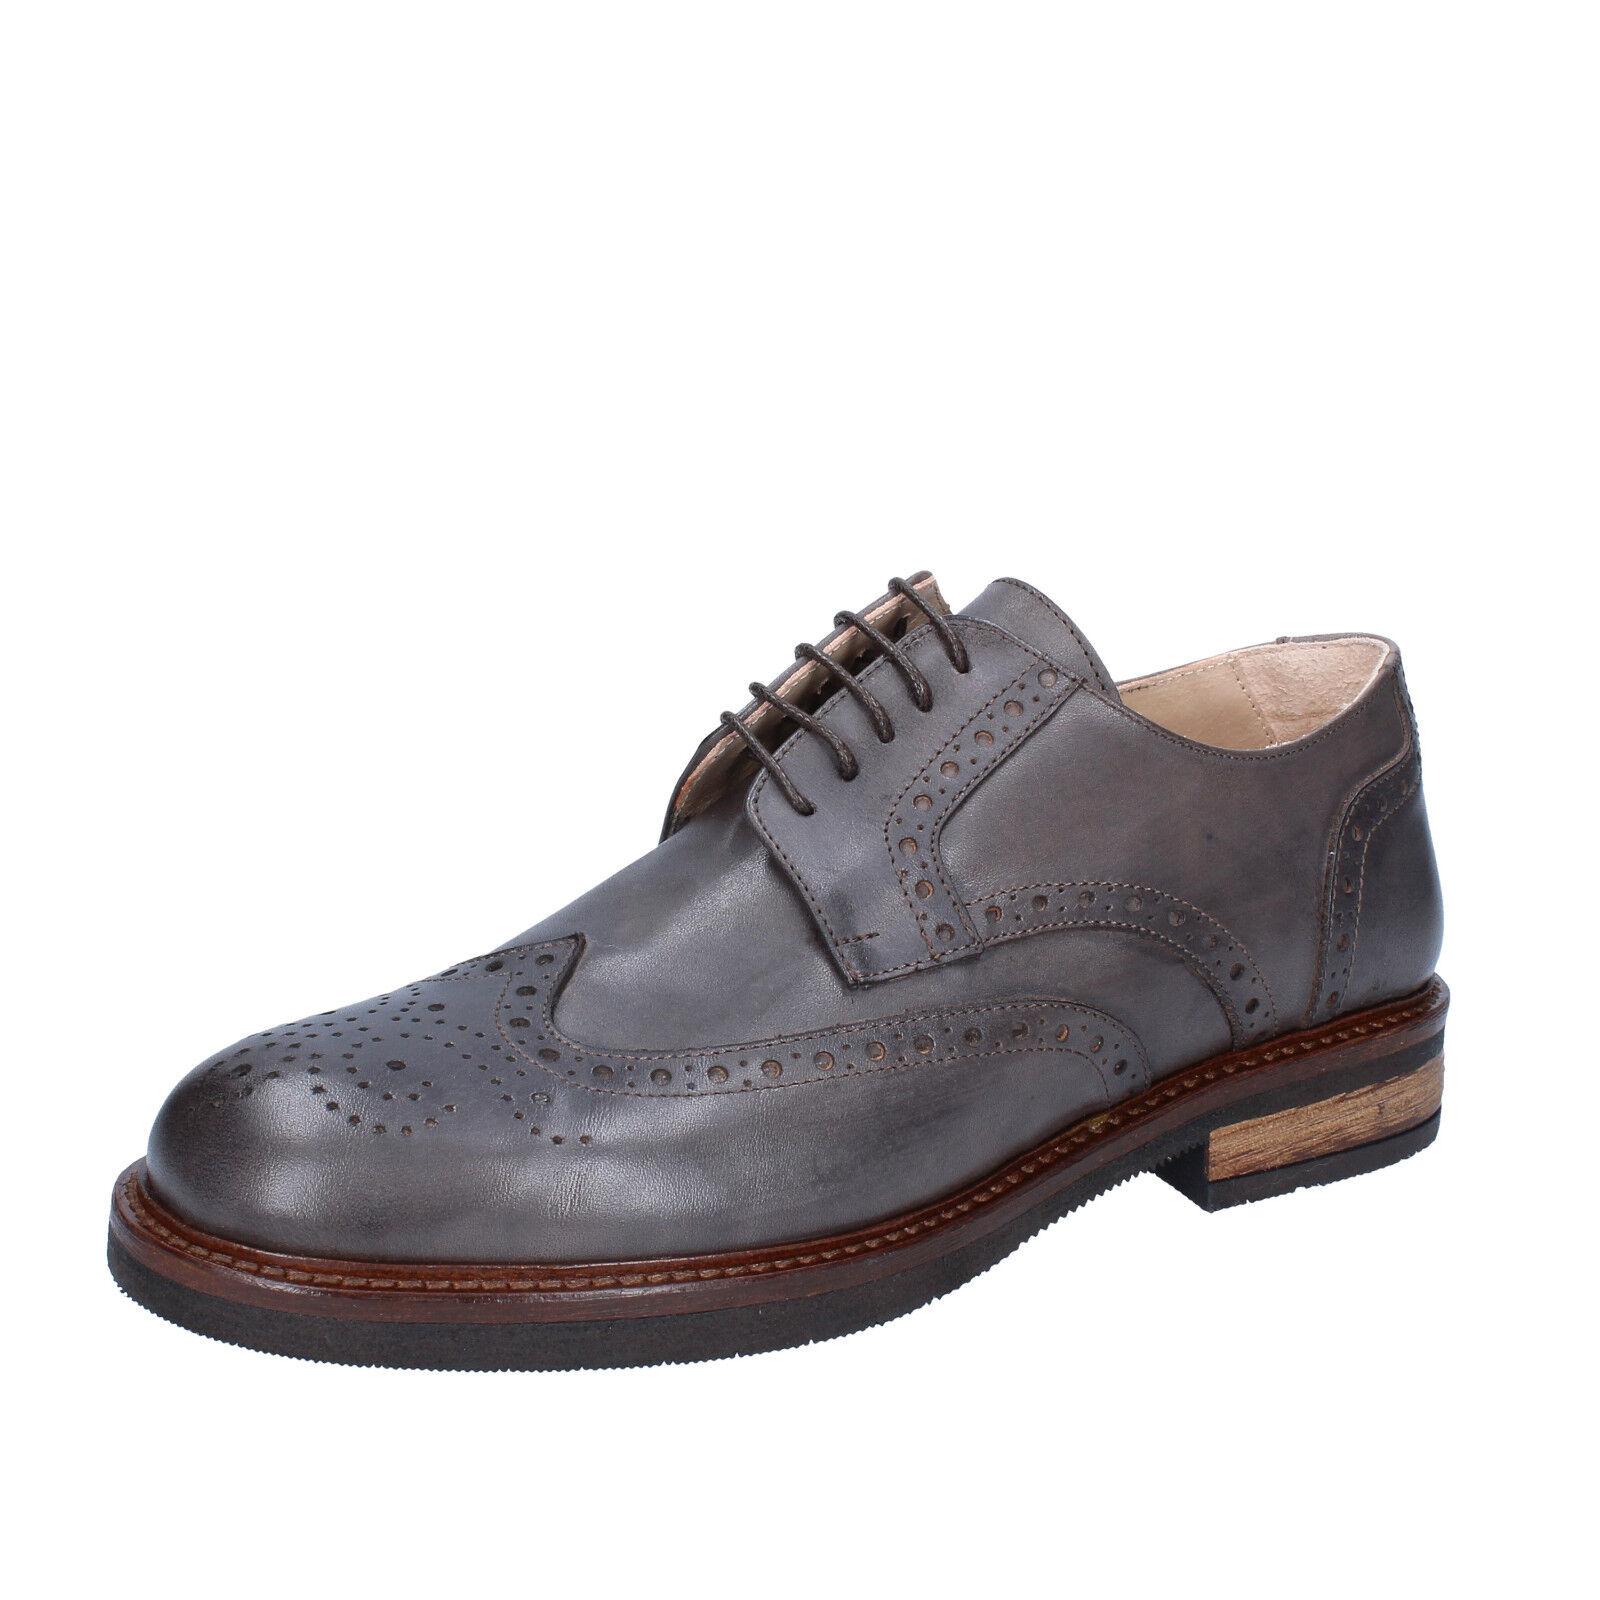 Scarpe uomo uomo uomo FDF scarpe 45 EU classiche grigio pelle BZ361-G   Vendita  76698a